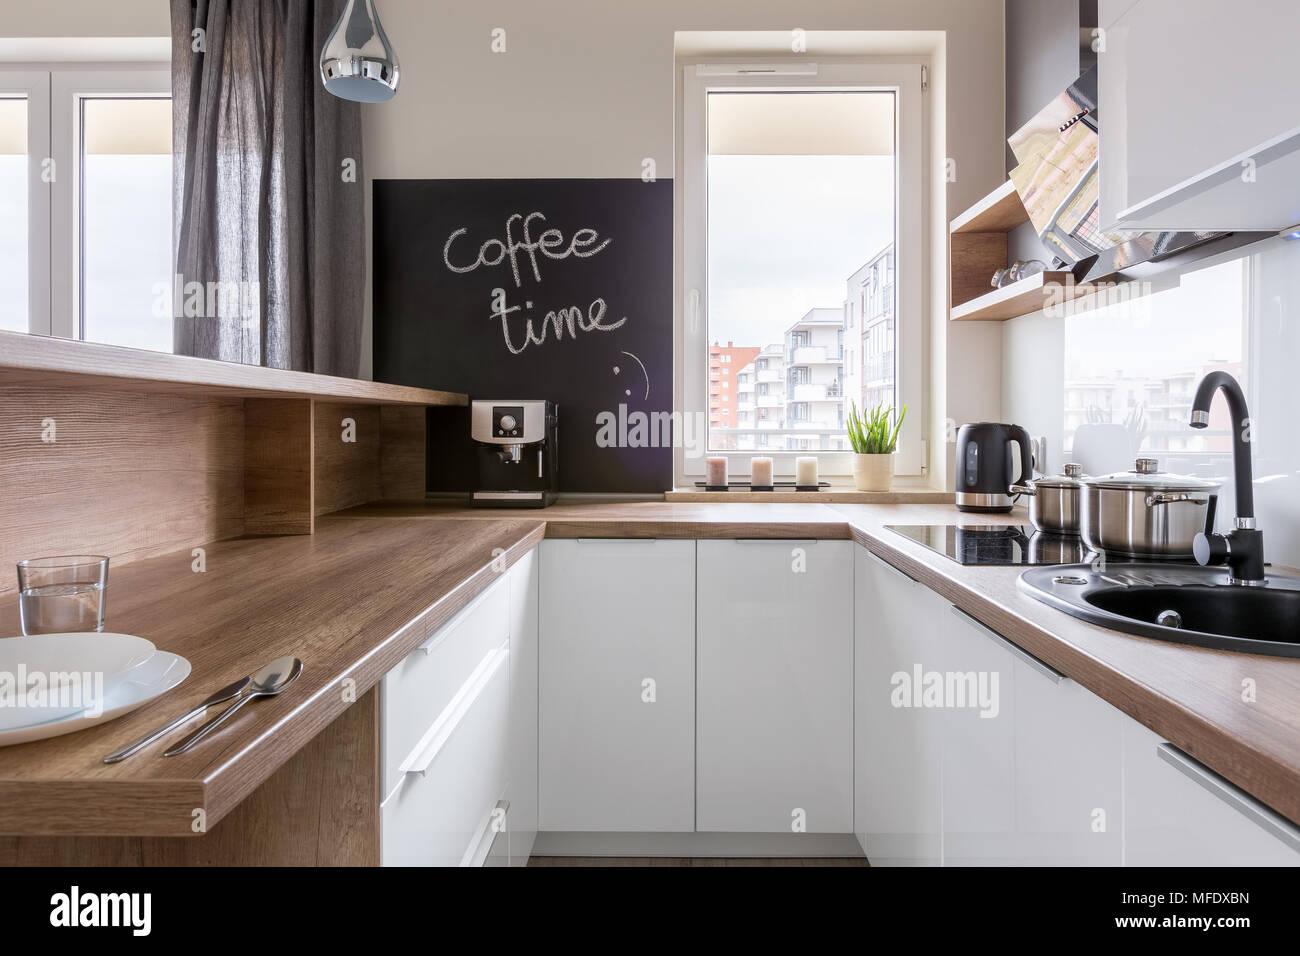 Küche mit Holz- Arbeitsplatte, weißen Schränke und auf dem ...